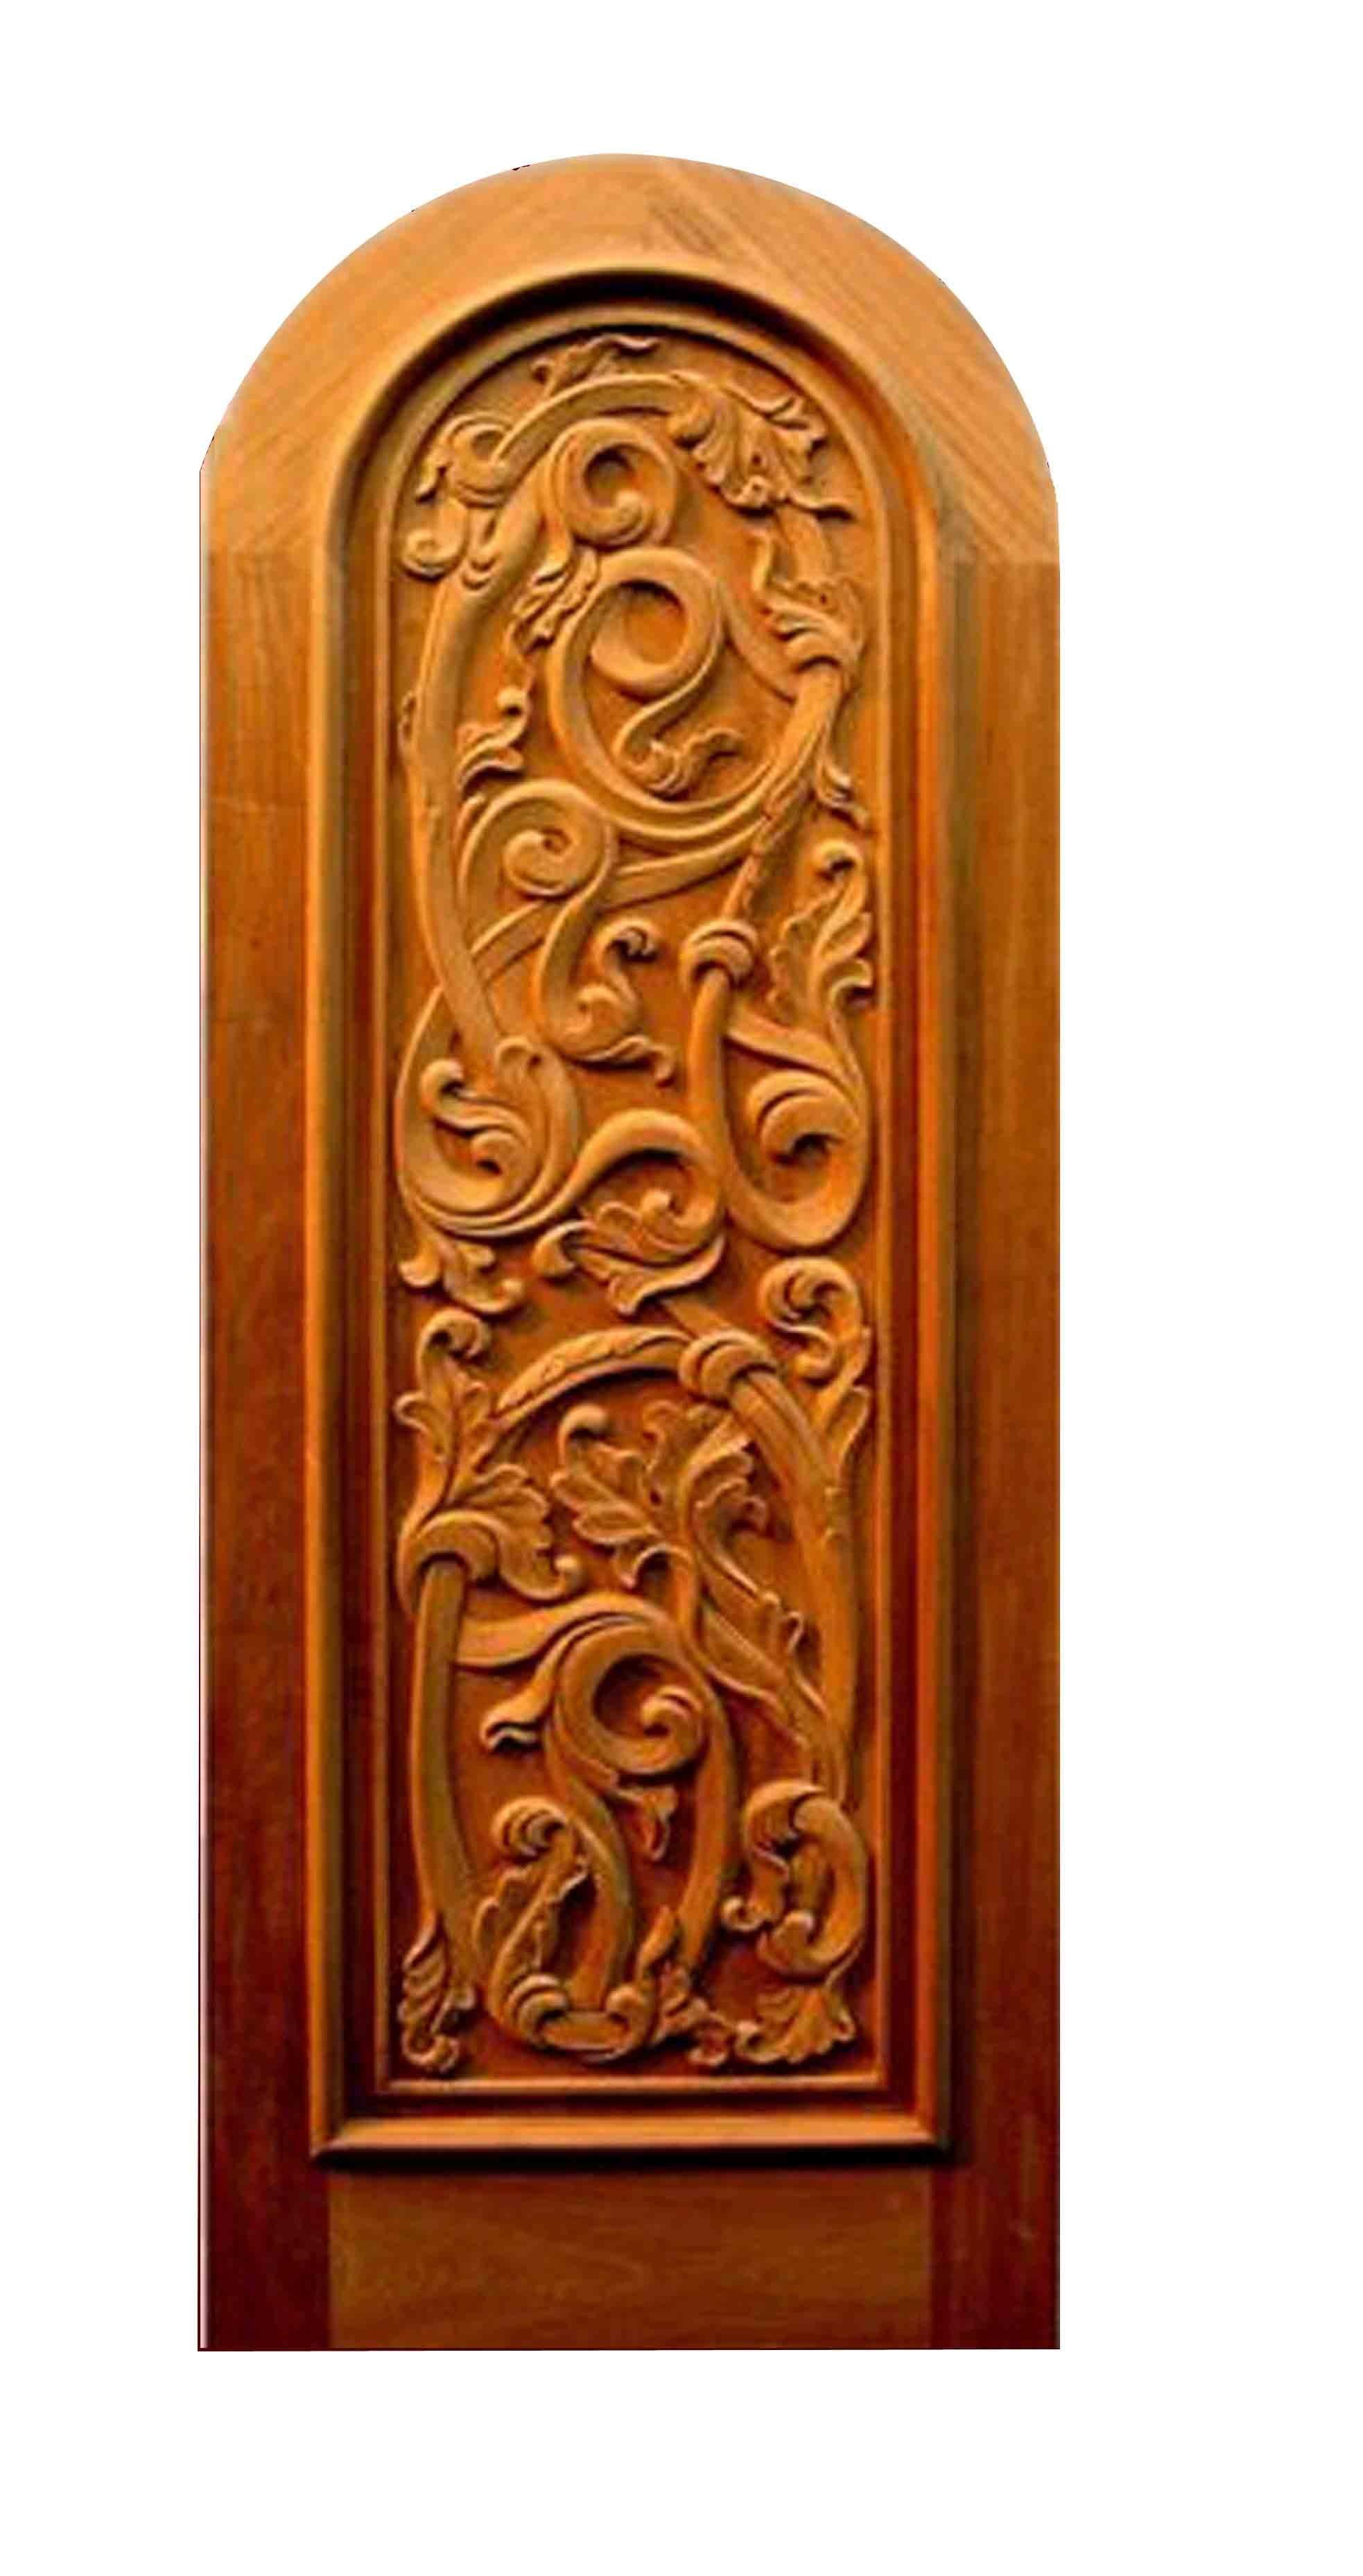 Wooden Door Design Cnc Router Machine Rj1325 View Wooden